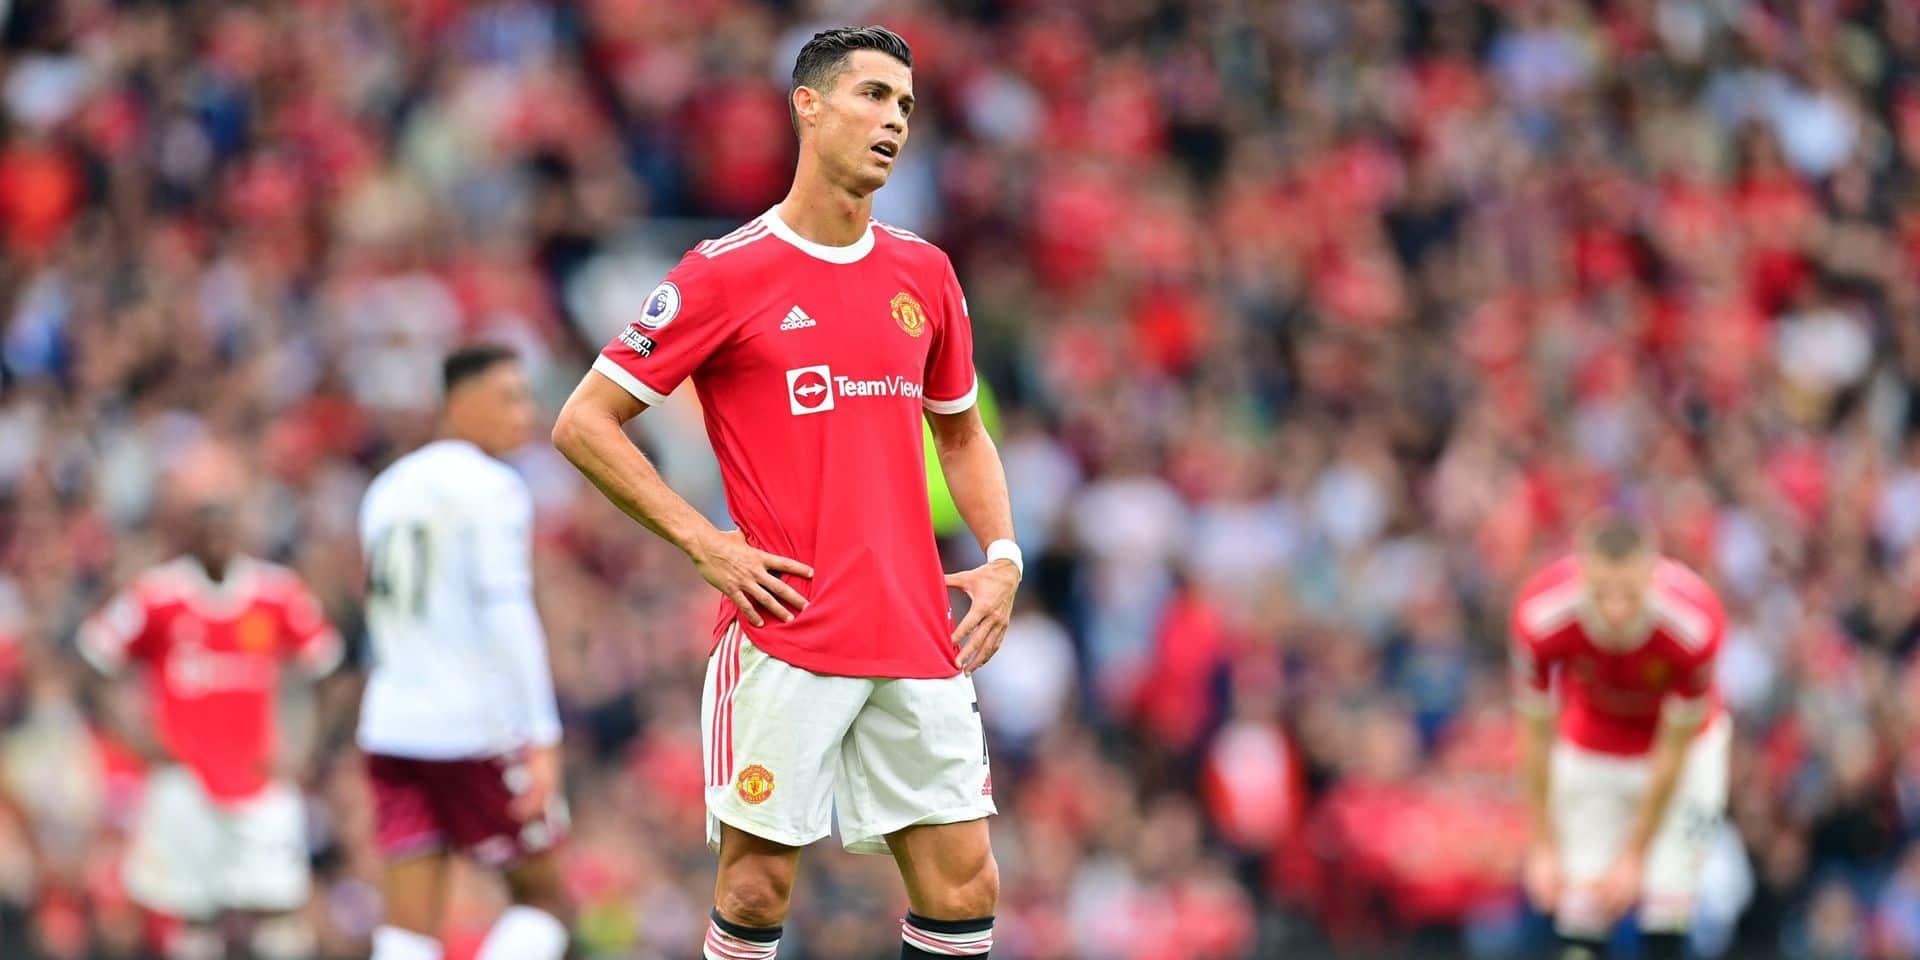 Premier League: Liverpool vire en tête, City dompte Chelsea, ManU manque un penalty à la dernière seconde et est battu